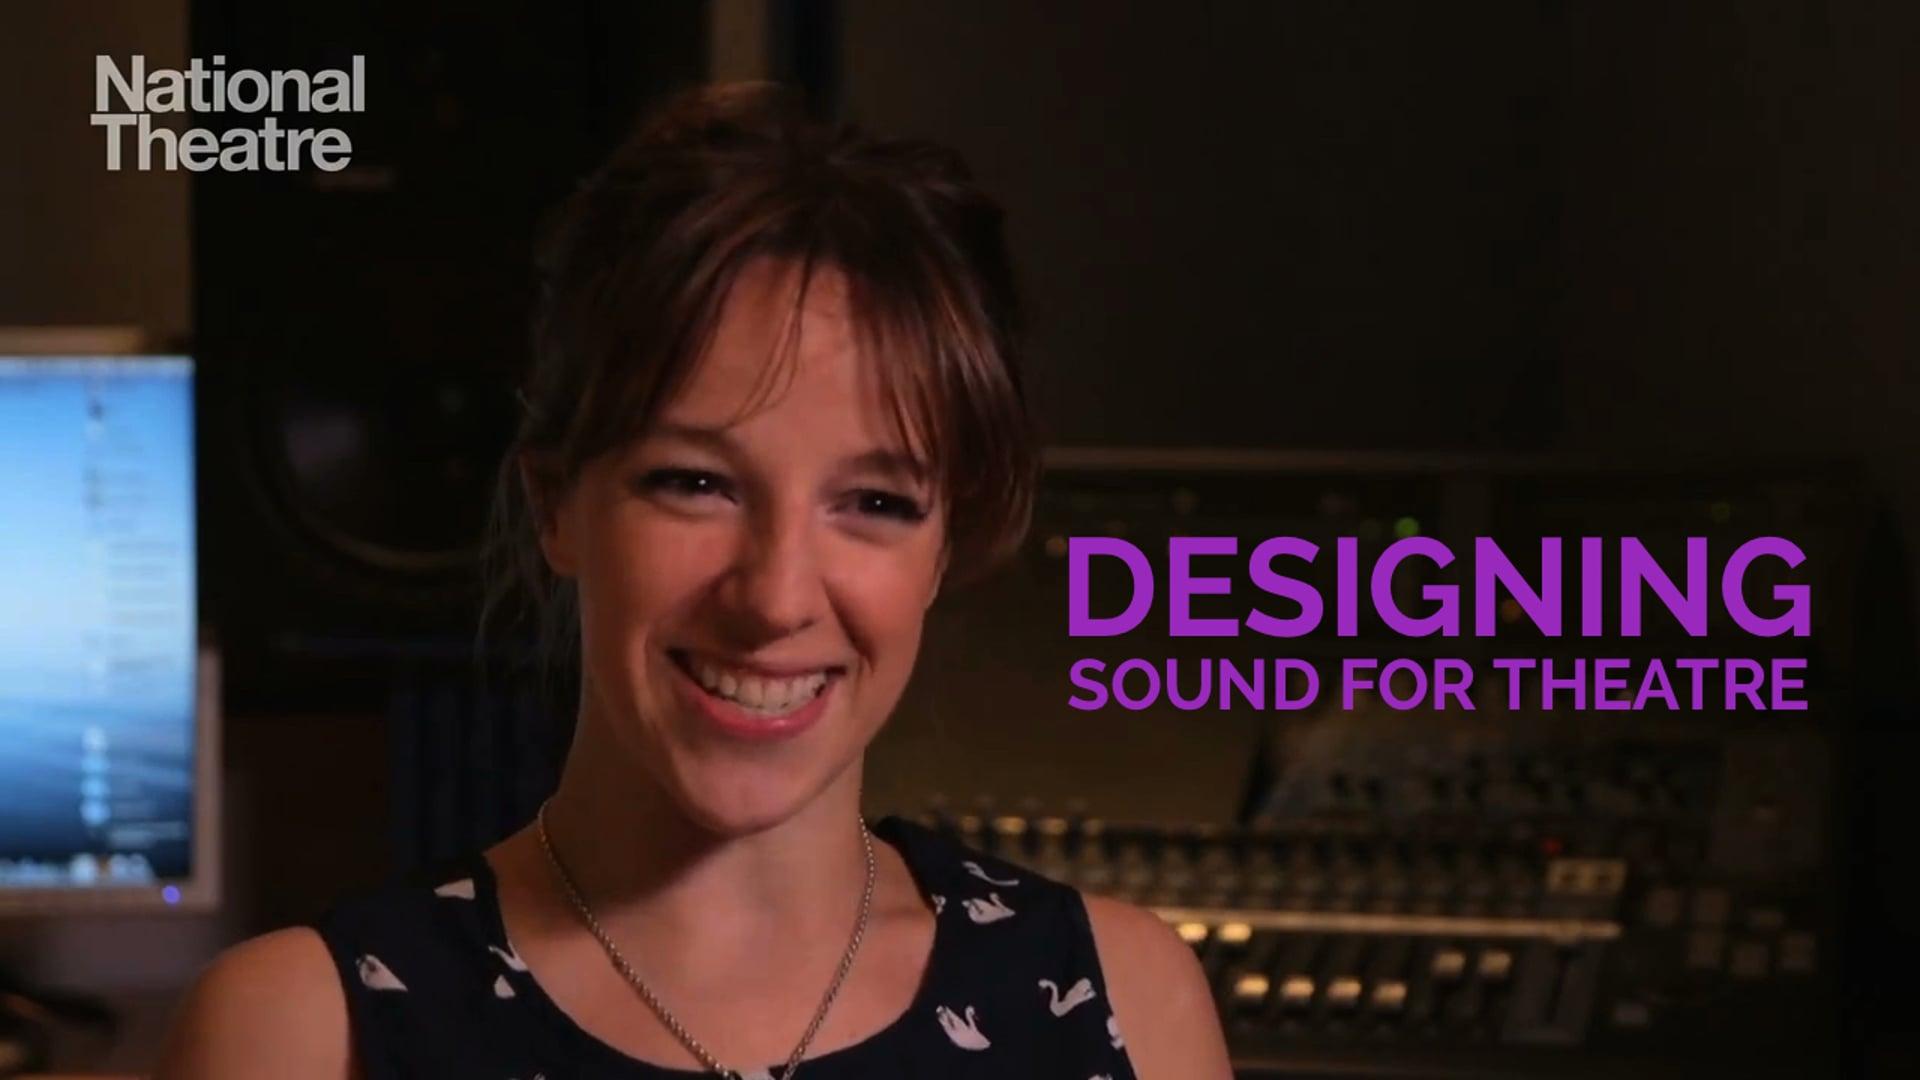 Designing Sound for Theatre